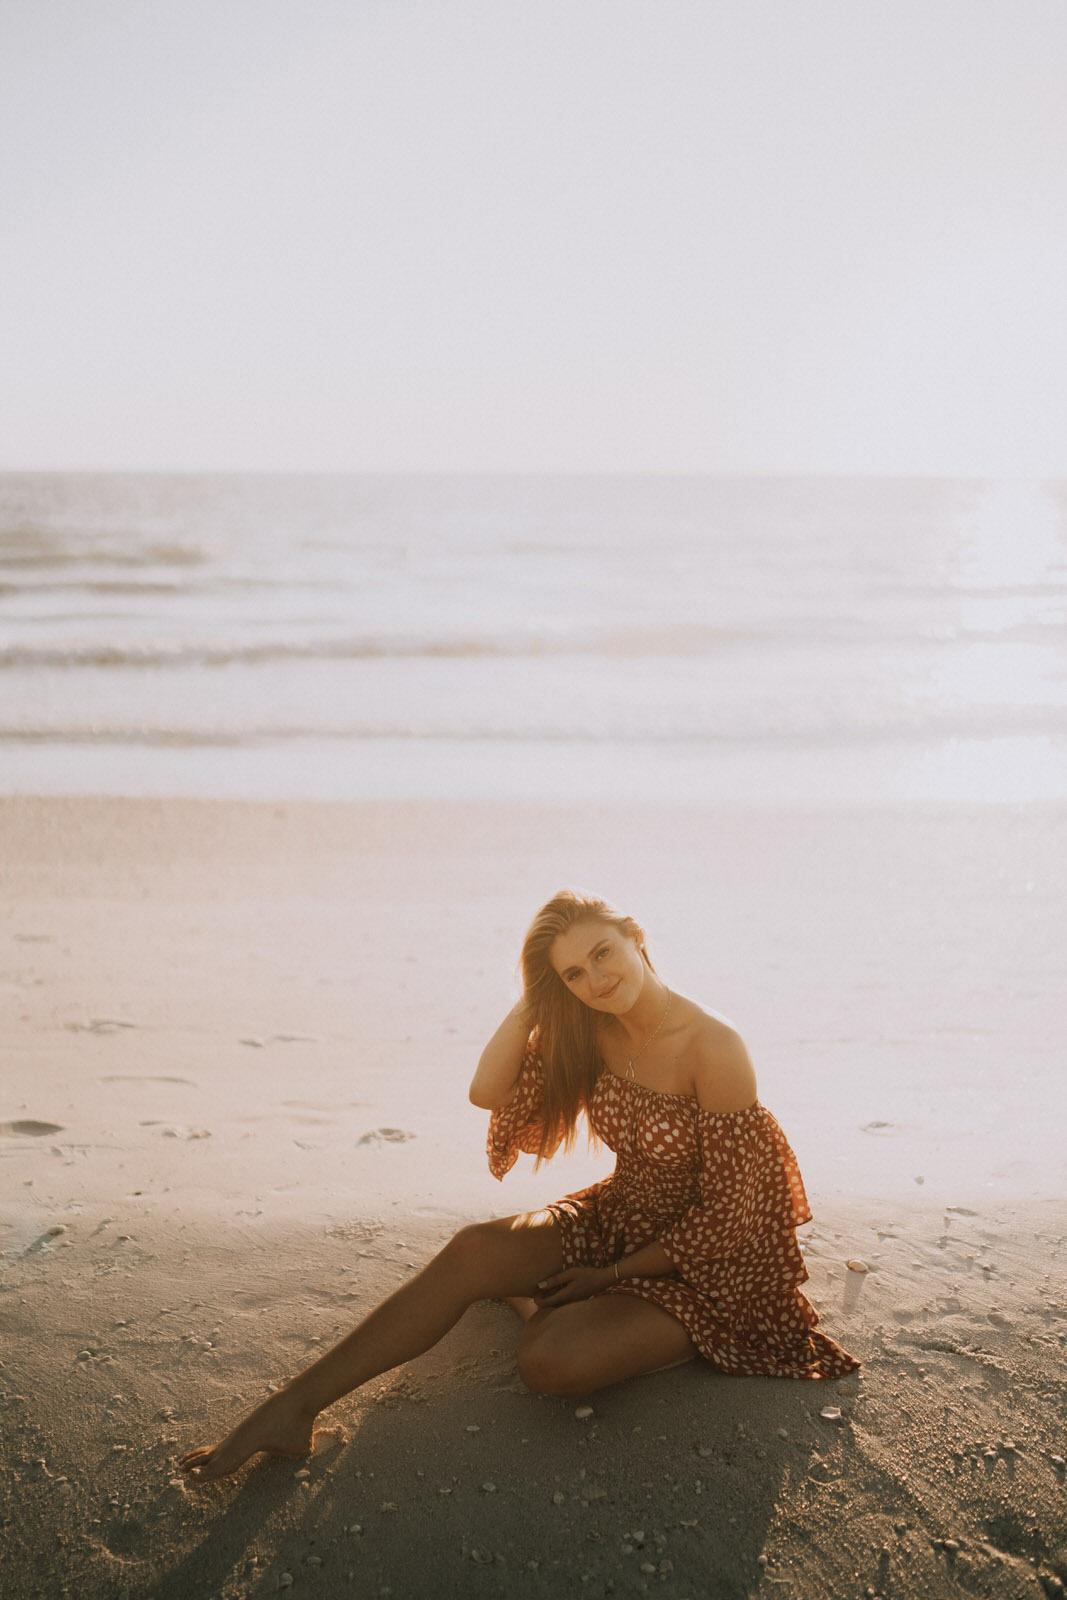 Fort Myers Senior Photos on Bonita Beach - Michelle Gonzalez Photography - Skyler Hart-140.JPG